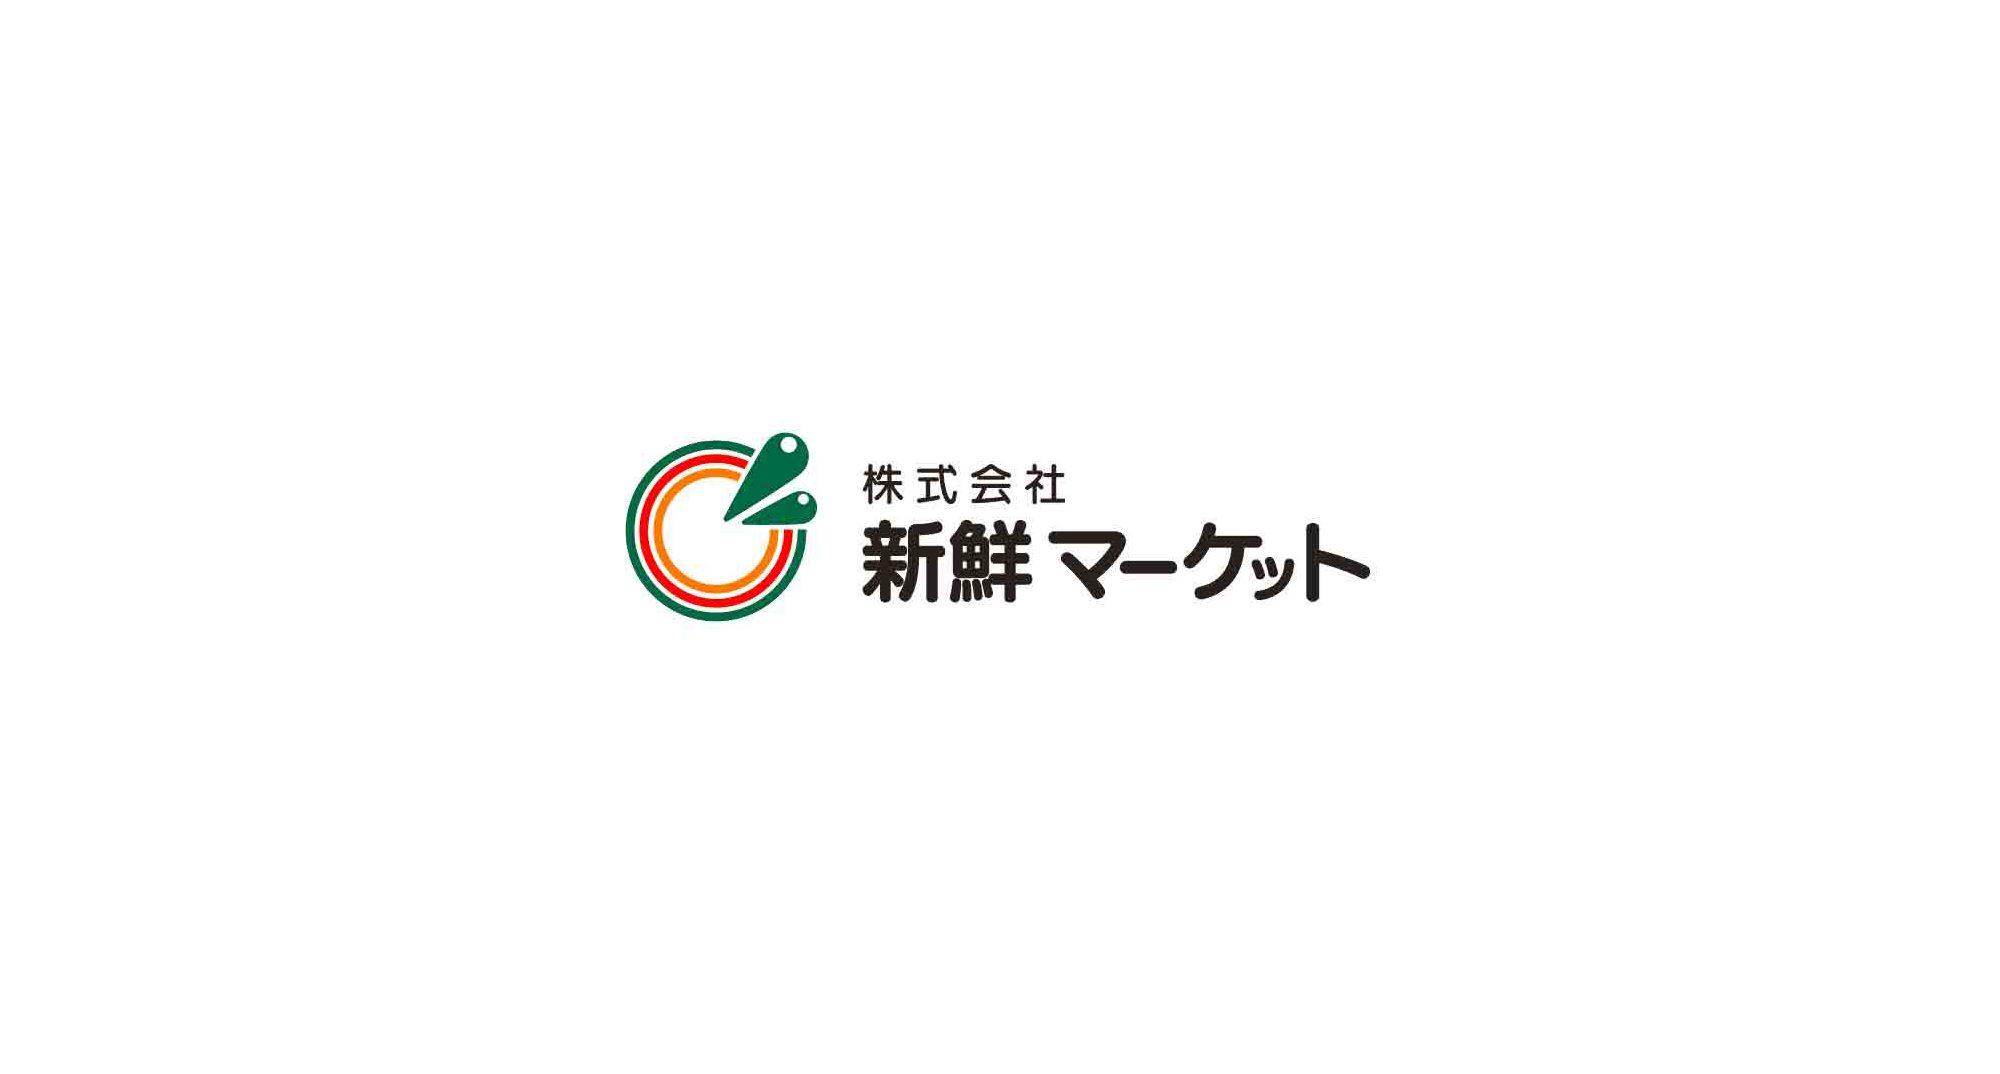 株式会社新鮮マーケット